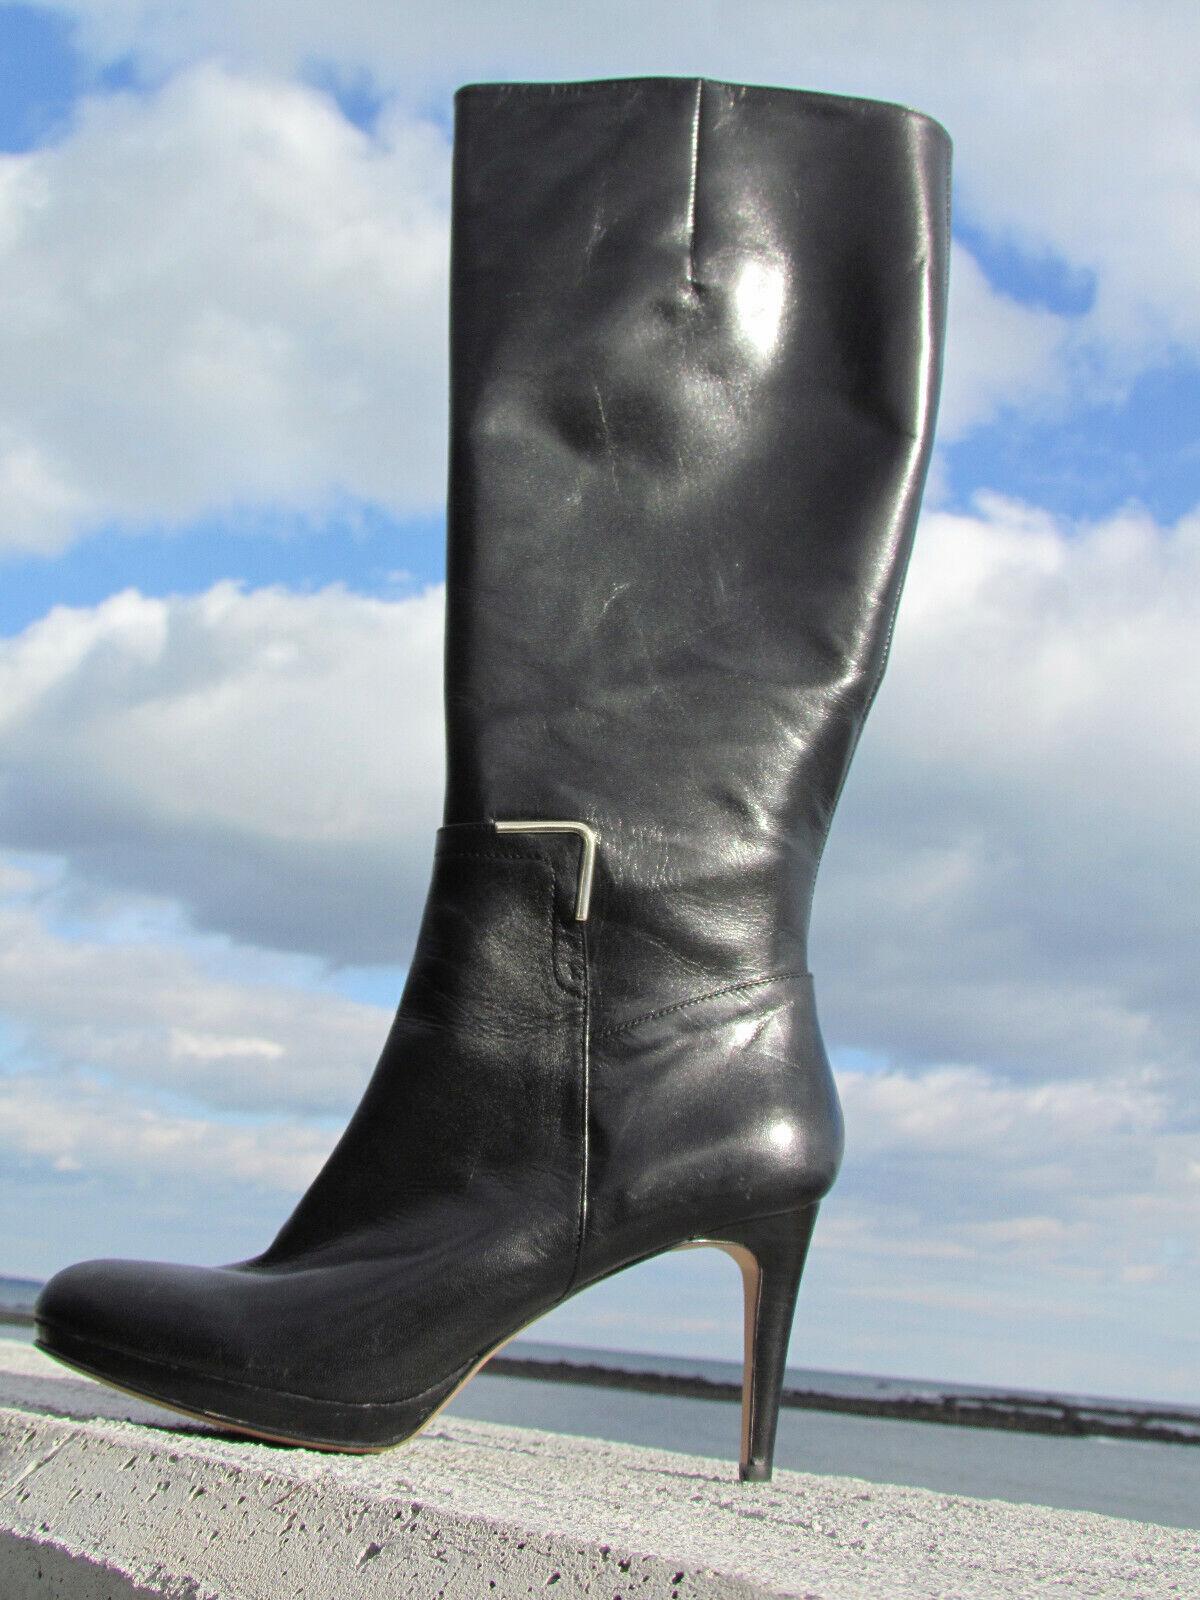 ce4bc69a3d5 Nuevo 11M Nine Evah Negro Cuero botas 4 Tacones Zapato Taco Aguja Alto Sexy  Clásico West owmgve4247-Botas